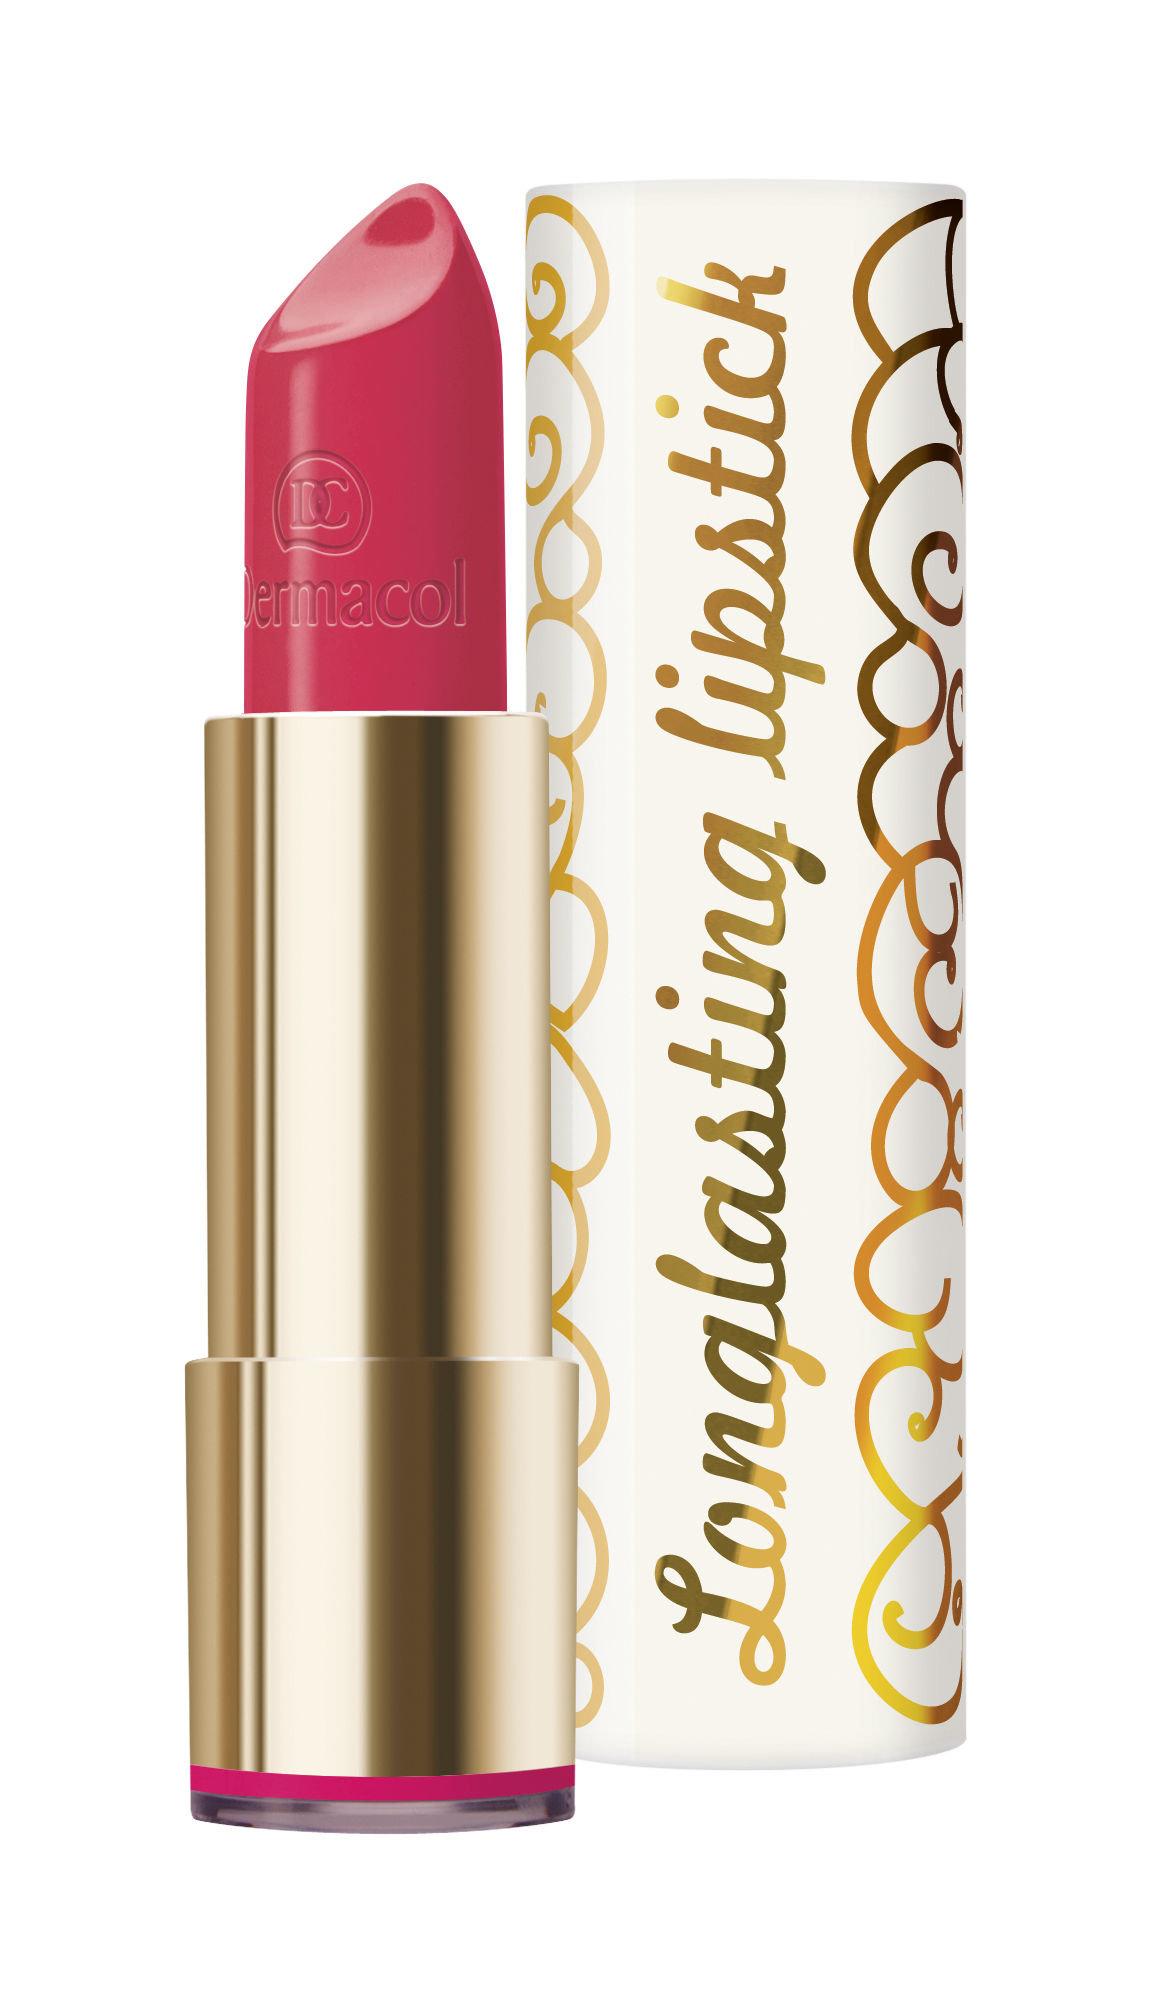 Dermacol Longlasting Cosmetic 4,8ml 06